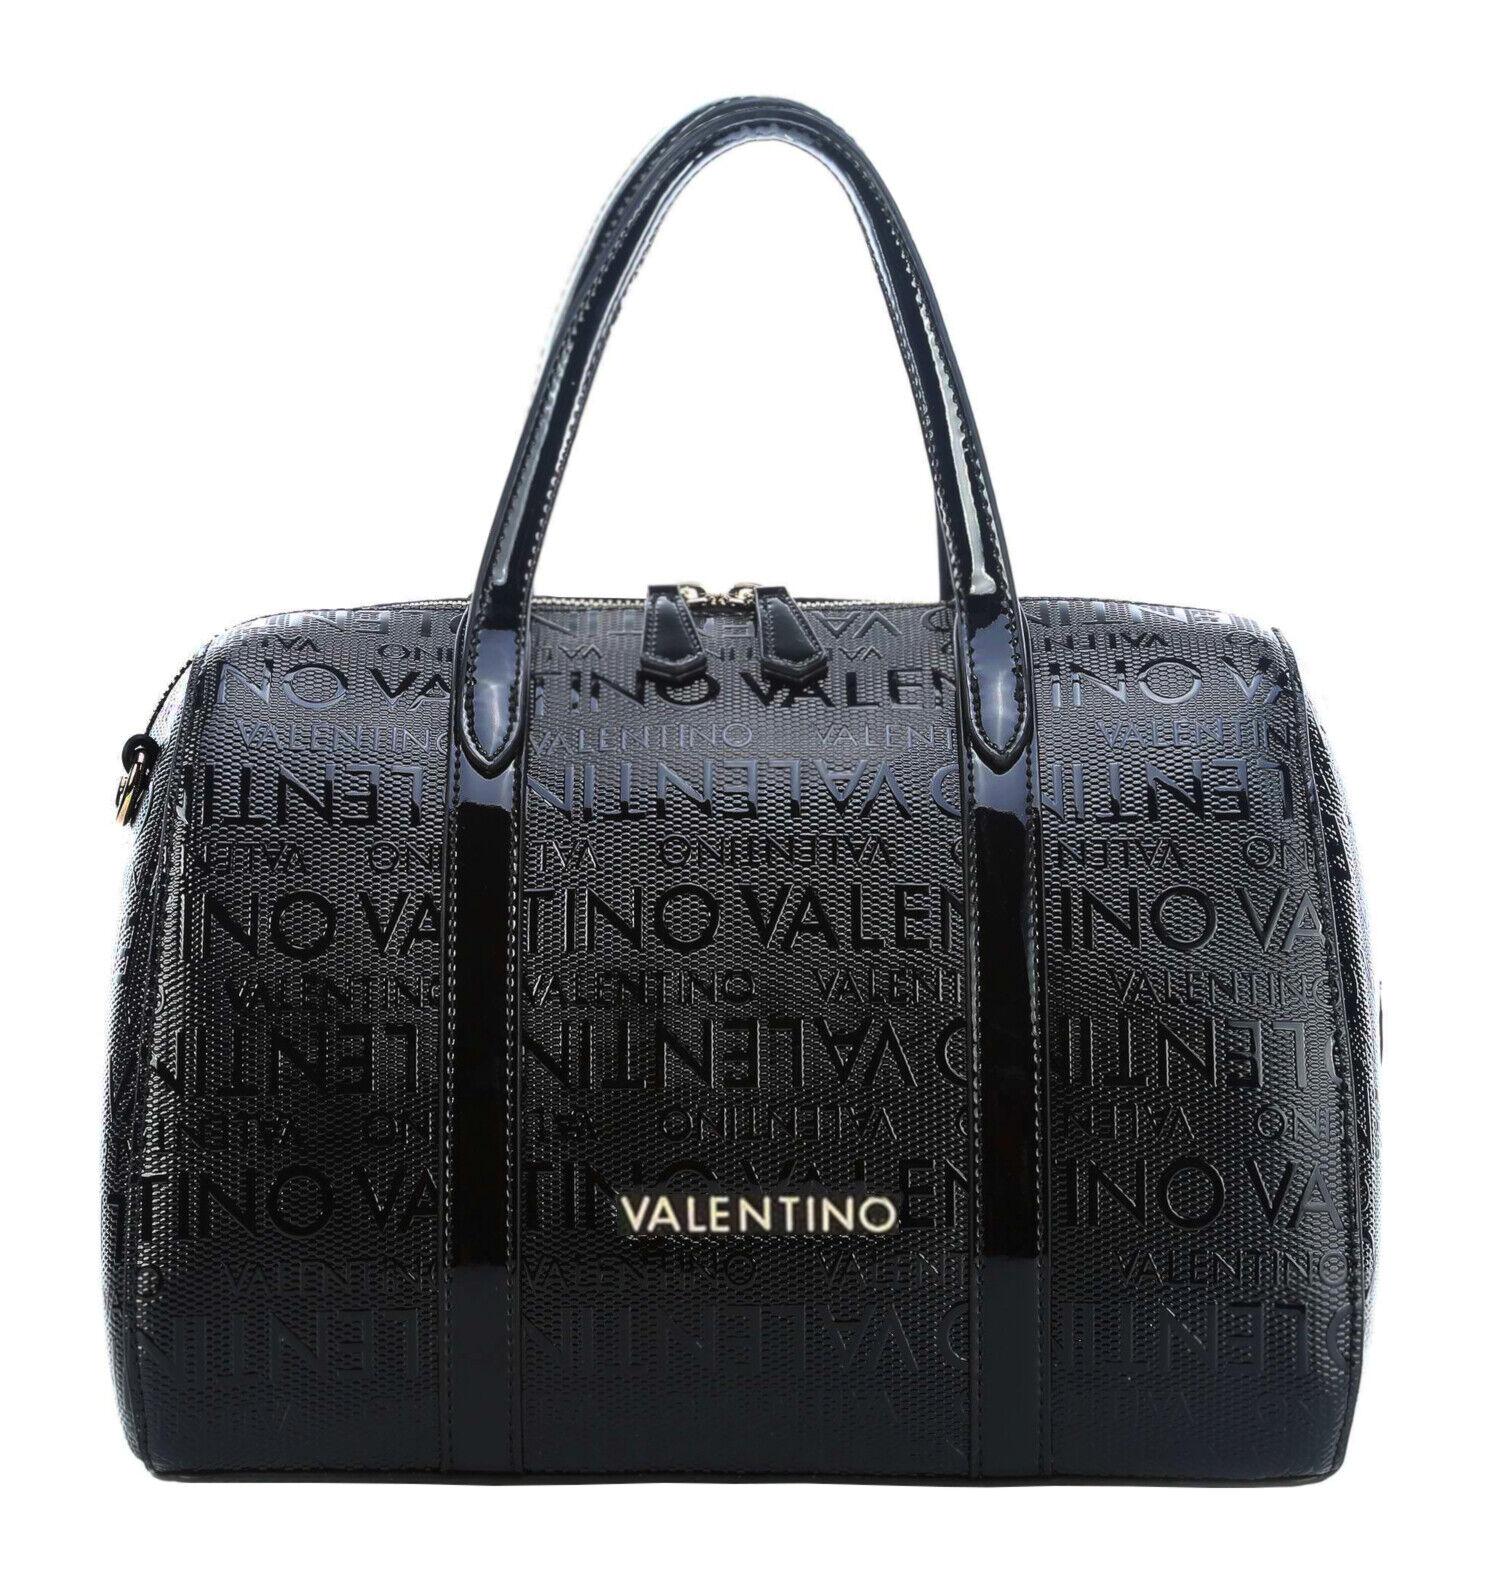 Damentasche Umhängetasche Crossbody VALENTINO SERENITY Pattina Nereo